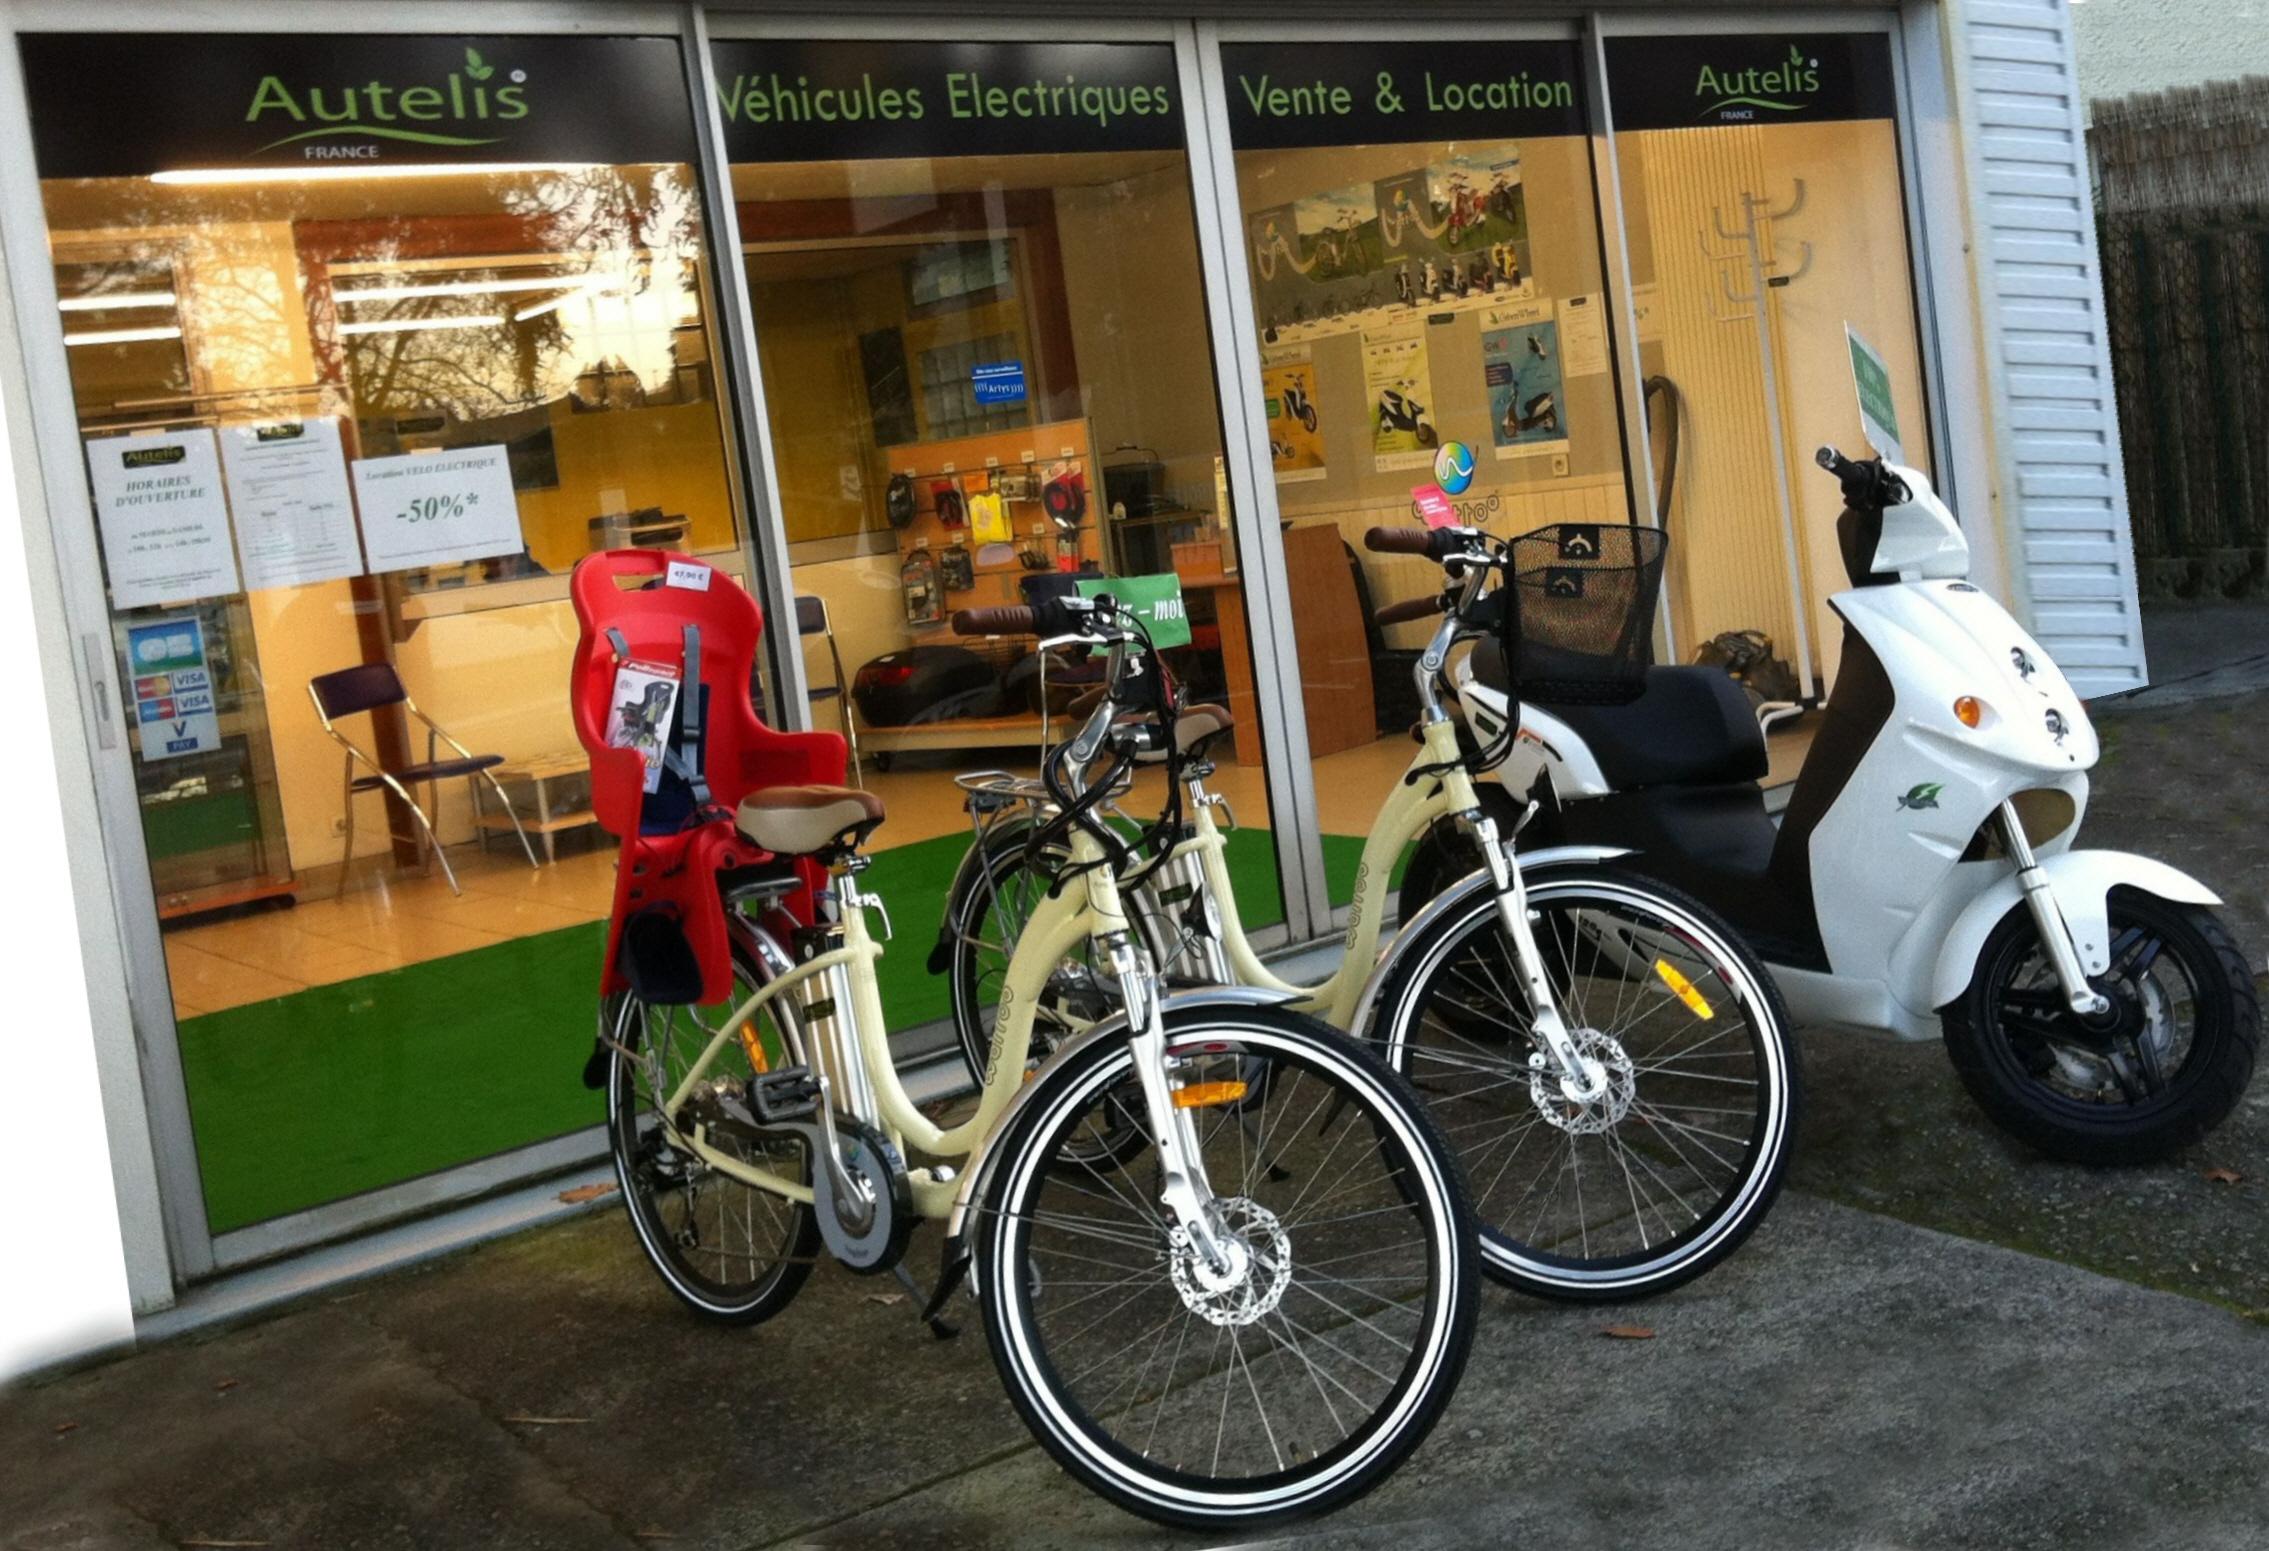 Autelis, magasin de vente et de location de véhicules électriques